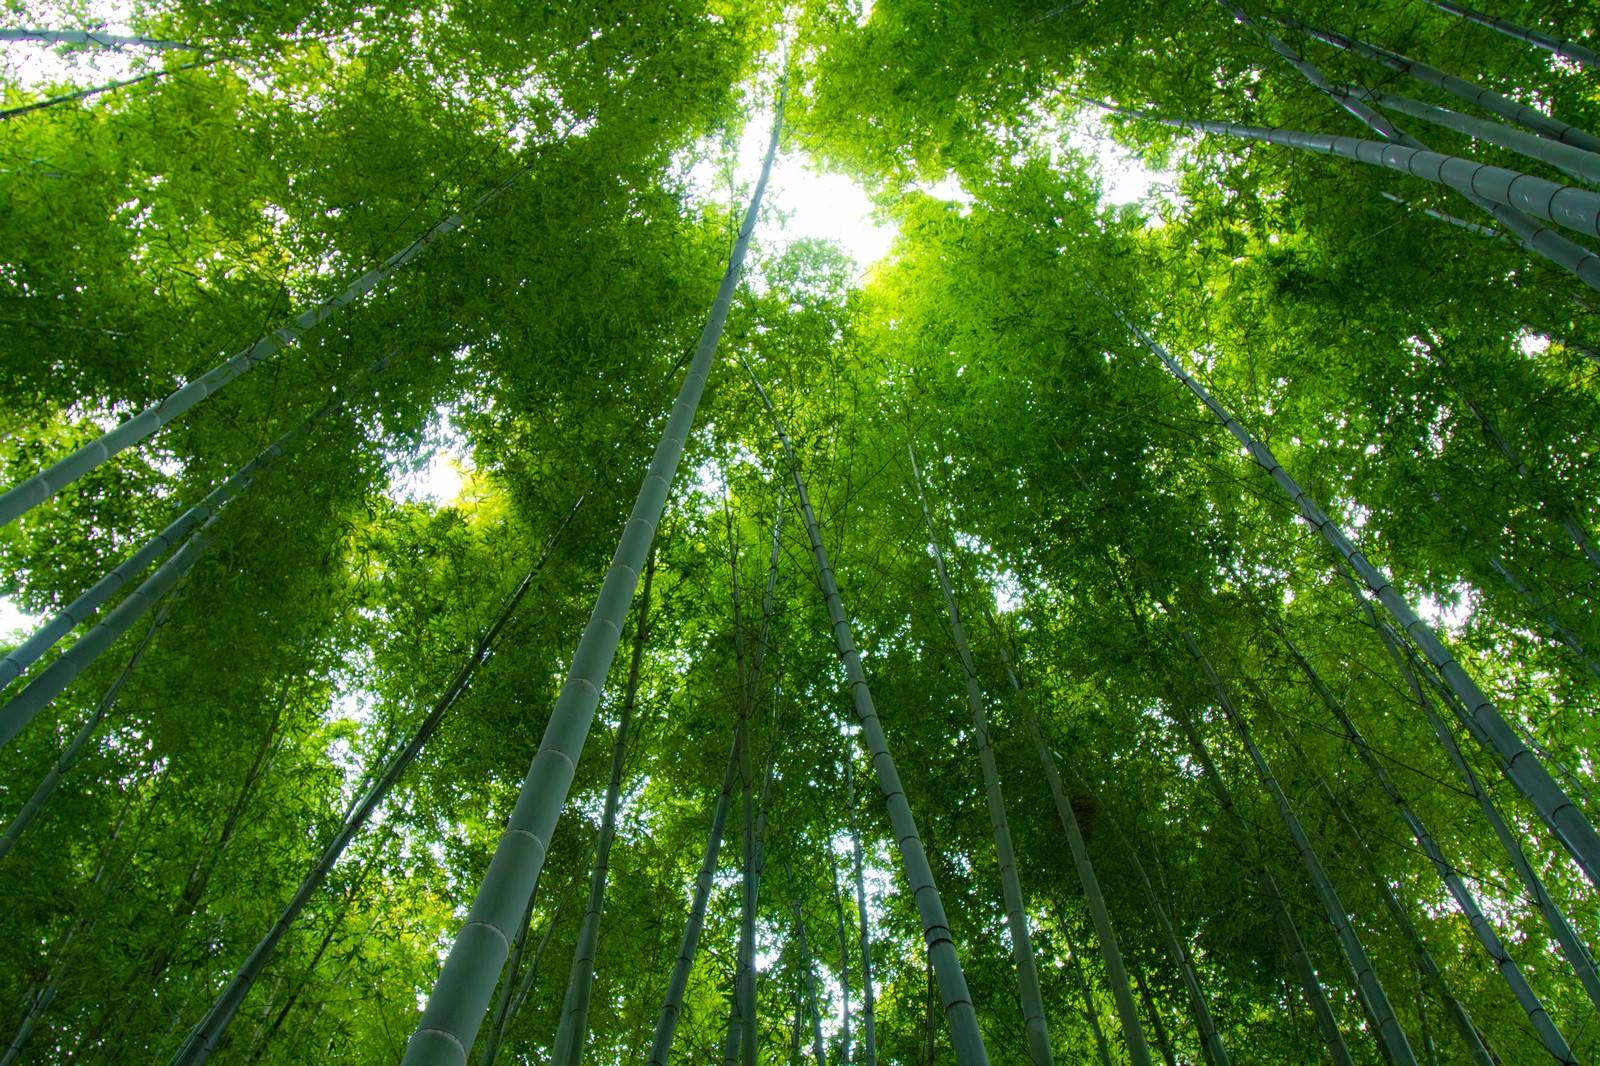 「見上げる緑の竹林」の写真